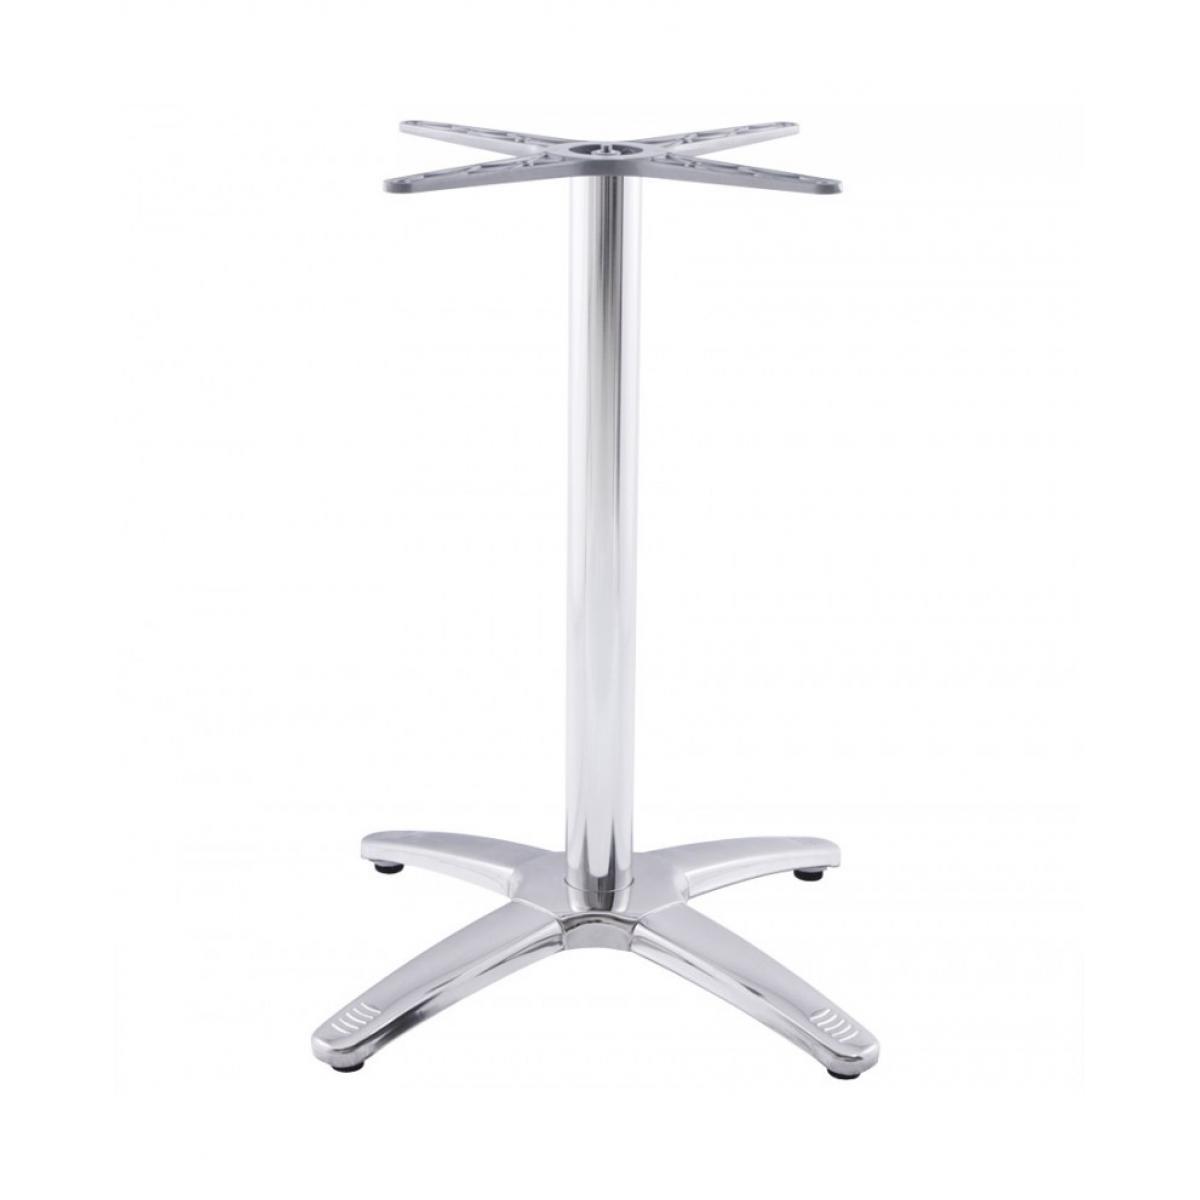 Kokoon Design pied de table sans plateau 75cm CHROME 47x47x73 cm